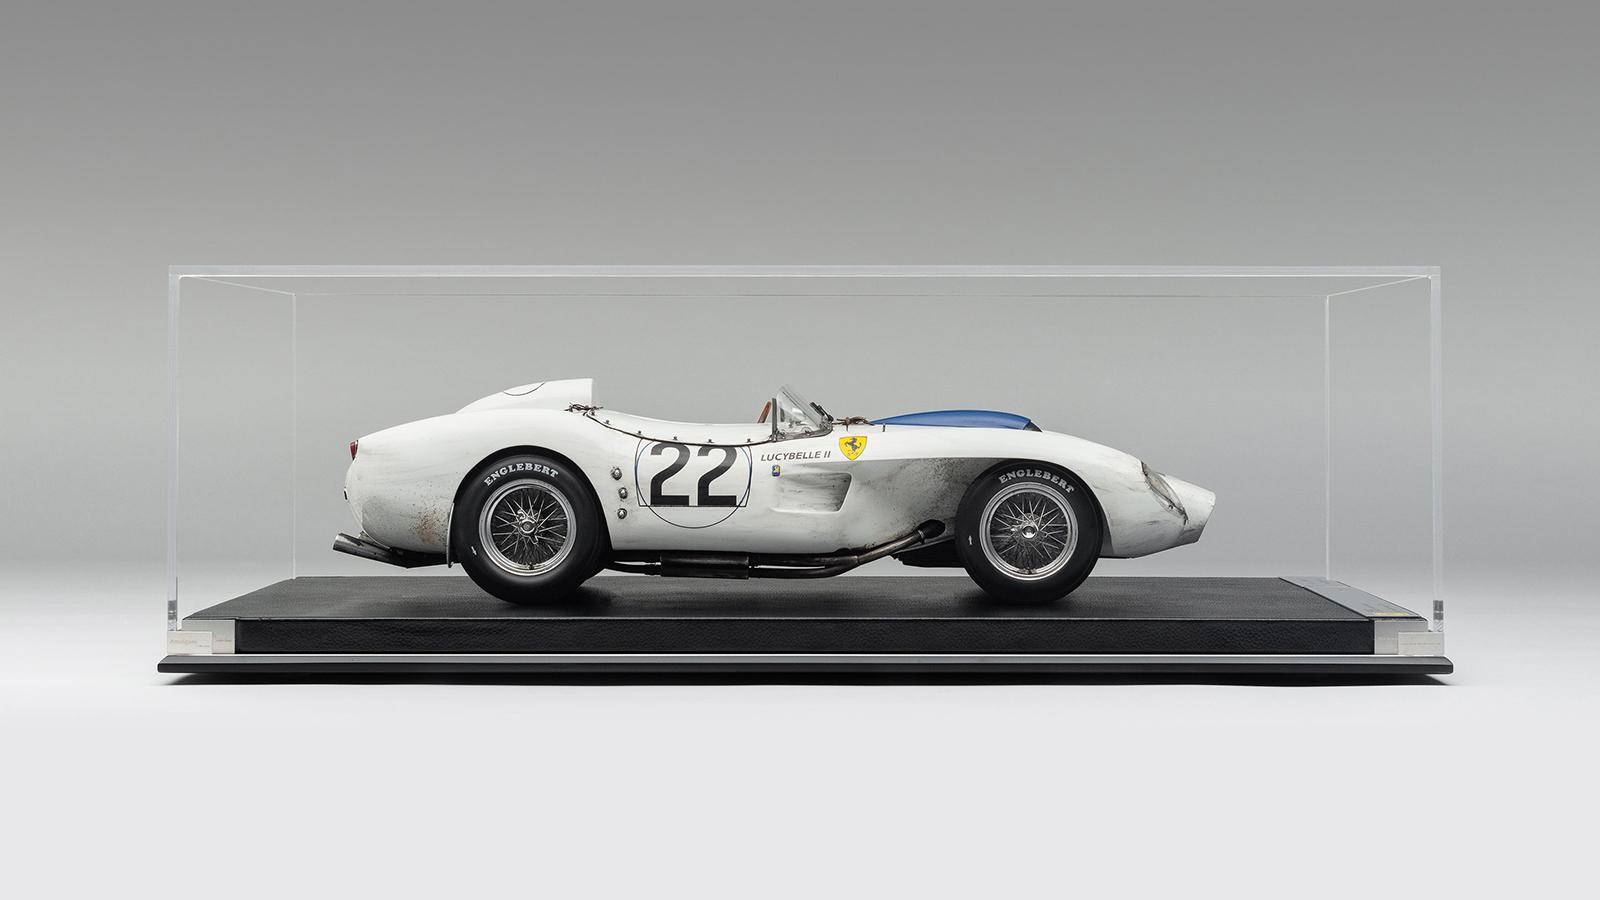 Amalgam Race Weathered Ferrari 250TR 'Lucybelle II'